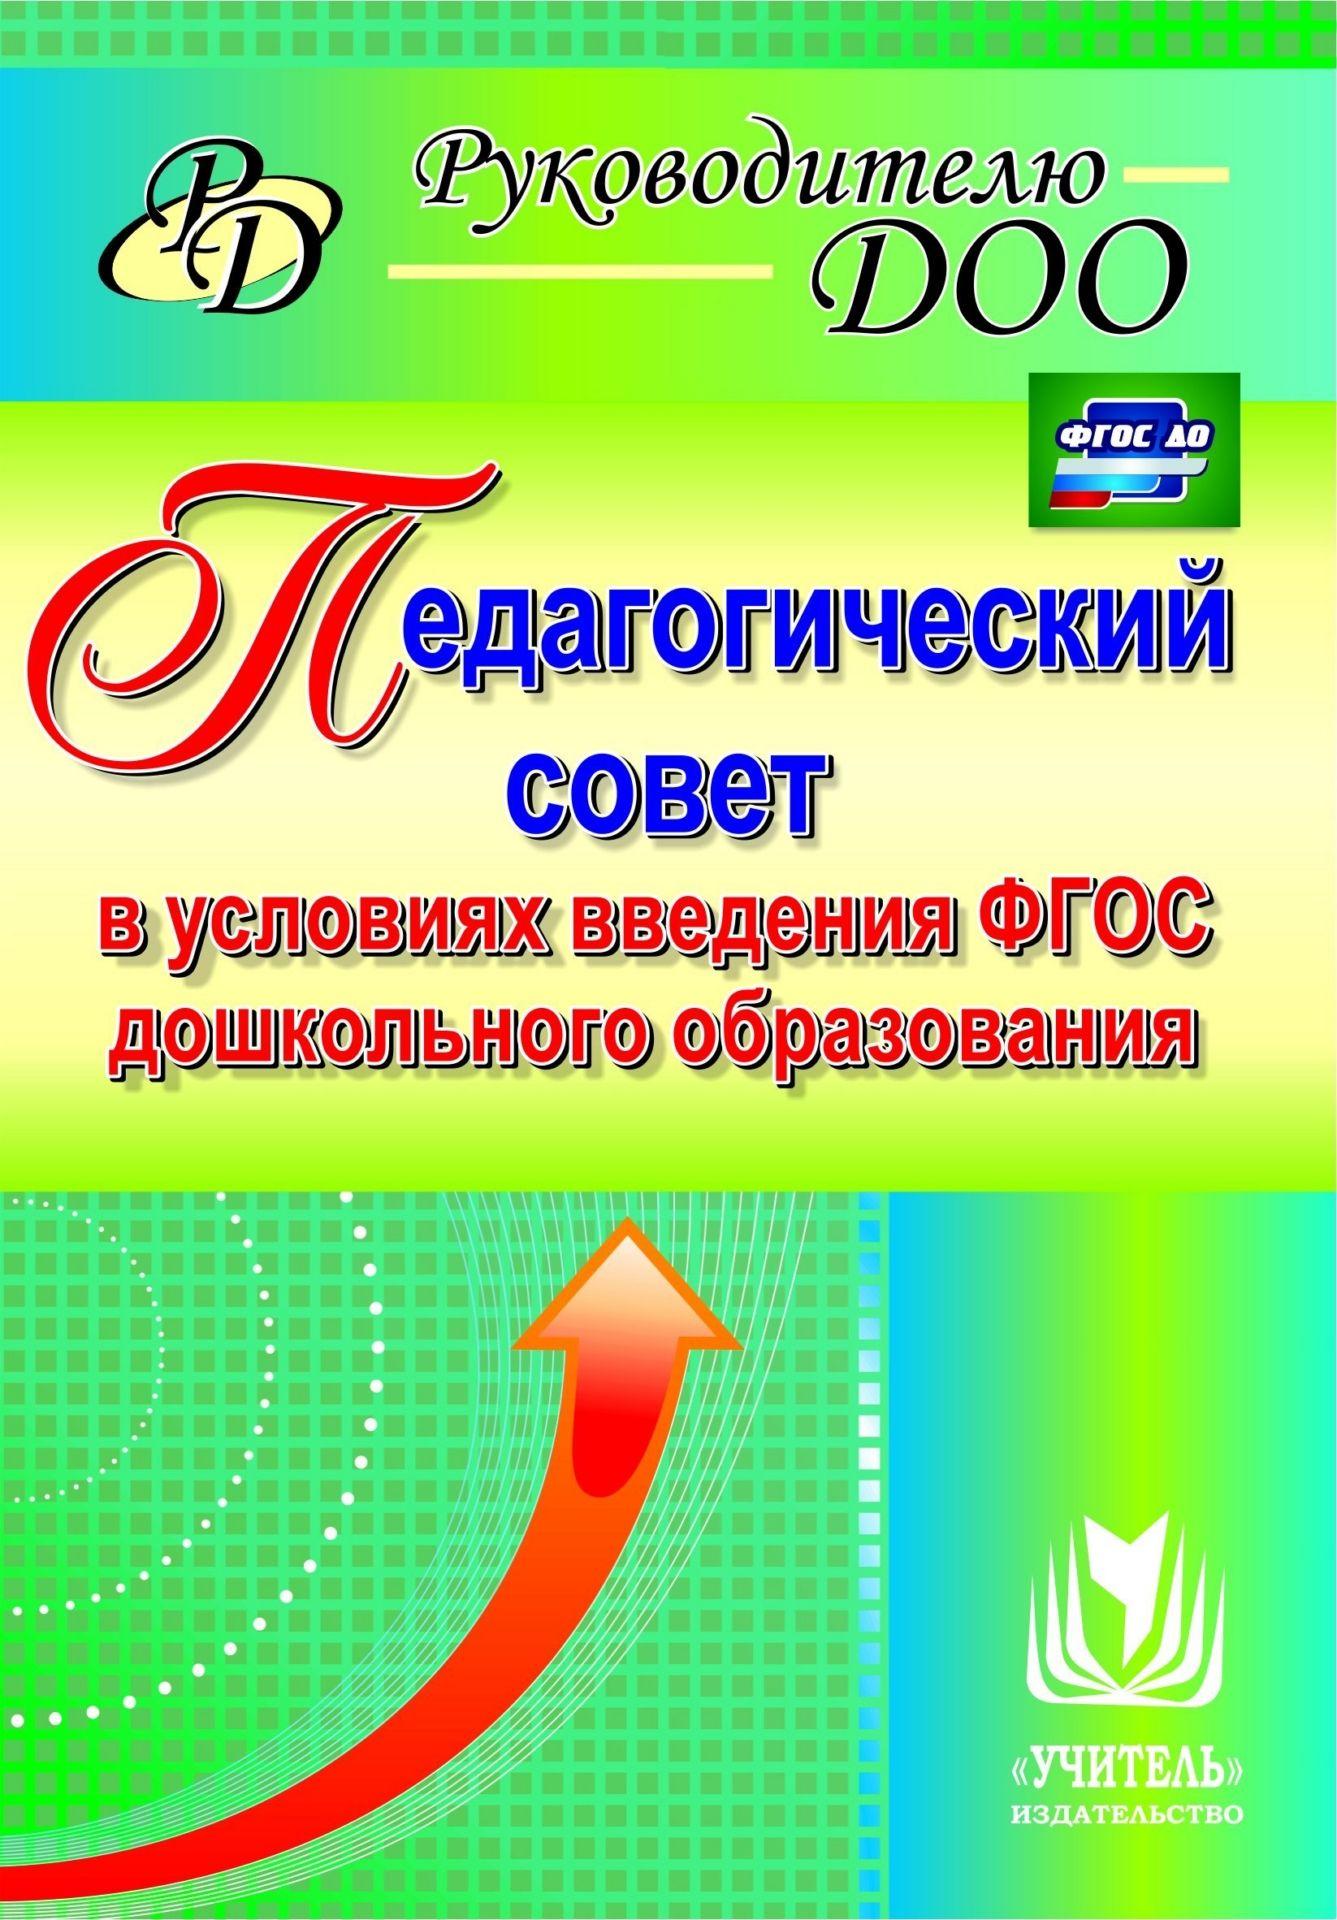 Педагогический совет в условиях введения ФГОС дошкольного образования. Программа для установки через интернет